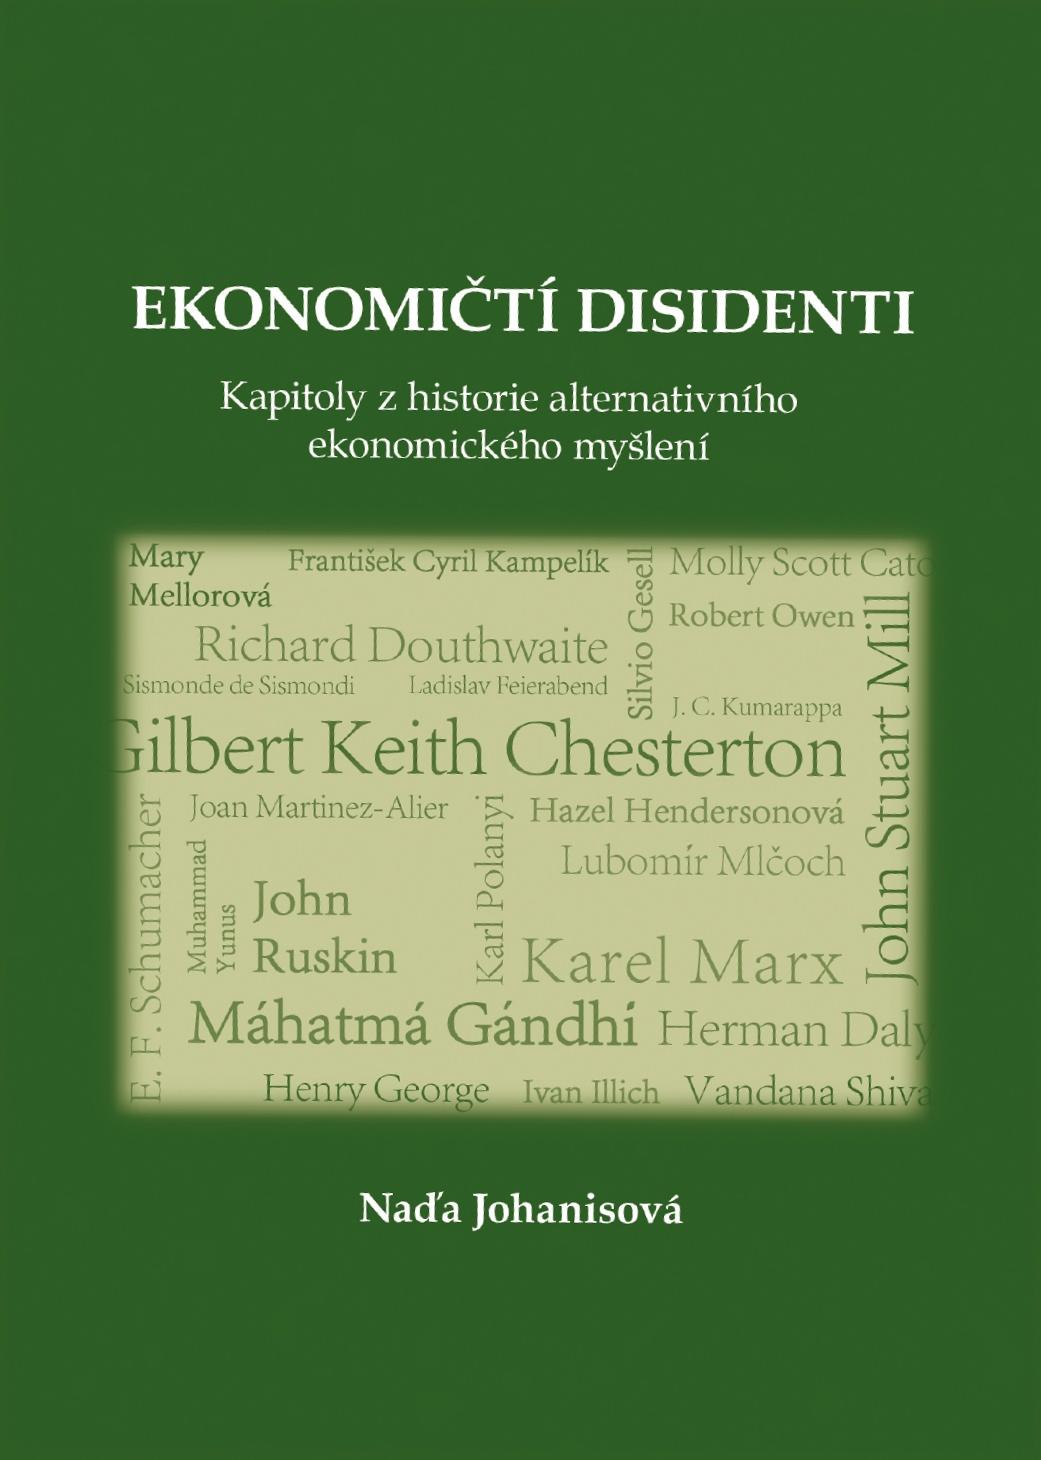 Ekonomickí disidenti,  kniha, ktorá predstavuje 24 svetových a českých osobností, ktoré se svojim vkladom navždy zapísali do dejín ekonómie. Ich myšlienky však neboli plne prijaté stredoprúdovou ekonómiou. Naďa Johanisová, foto: kosmas.cz